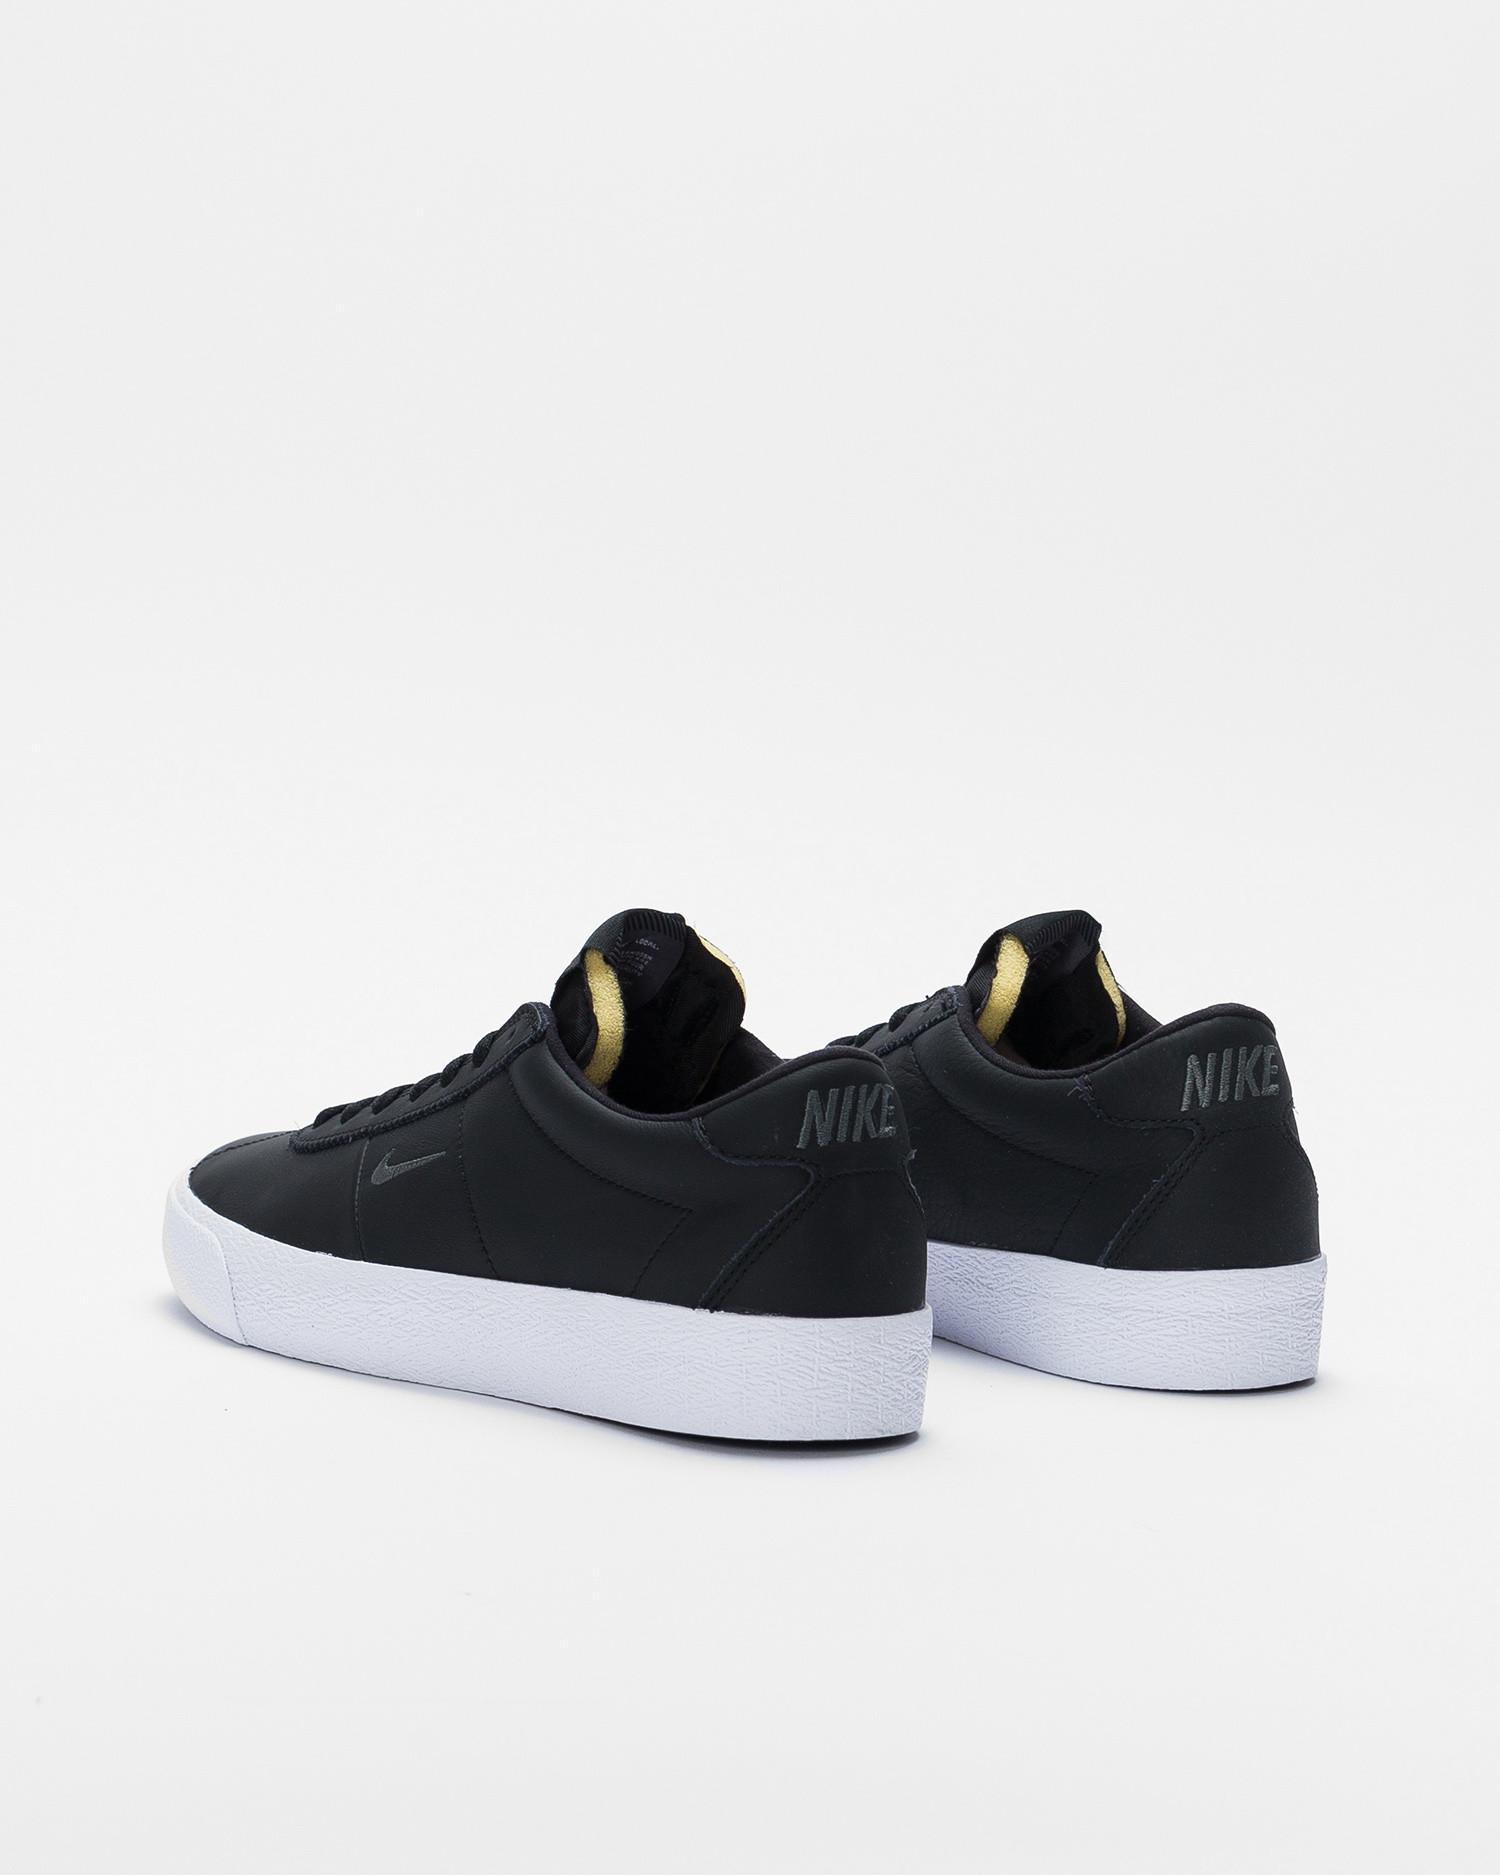 Nike SB Zoom Bruin Iso Black/Dark Grey-Black-White